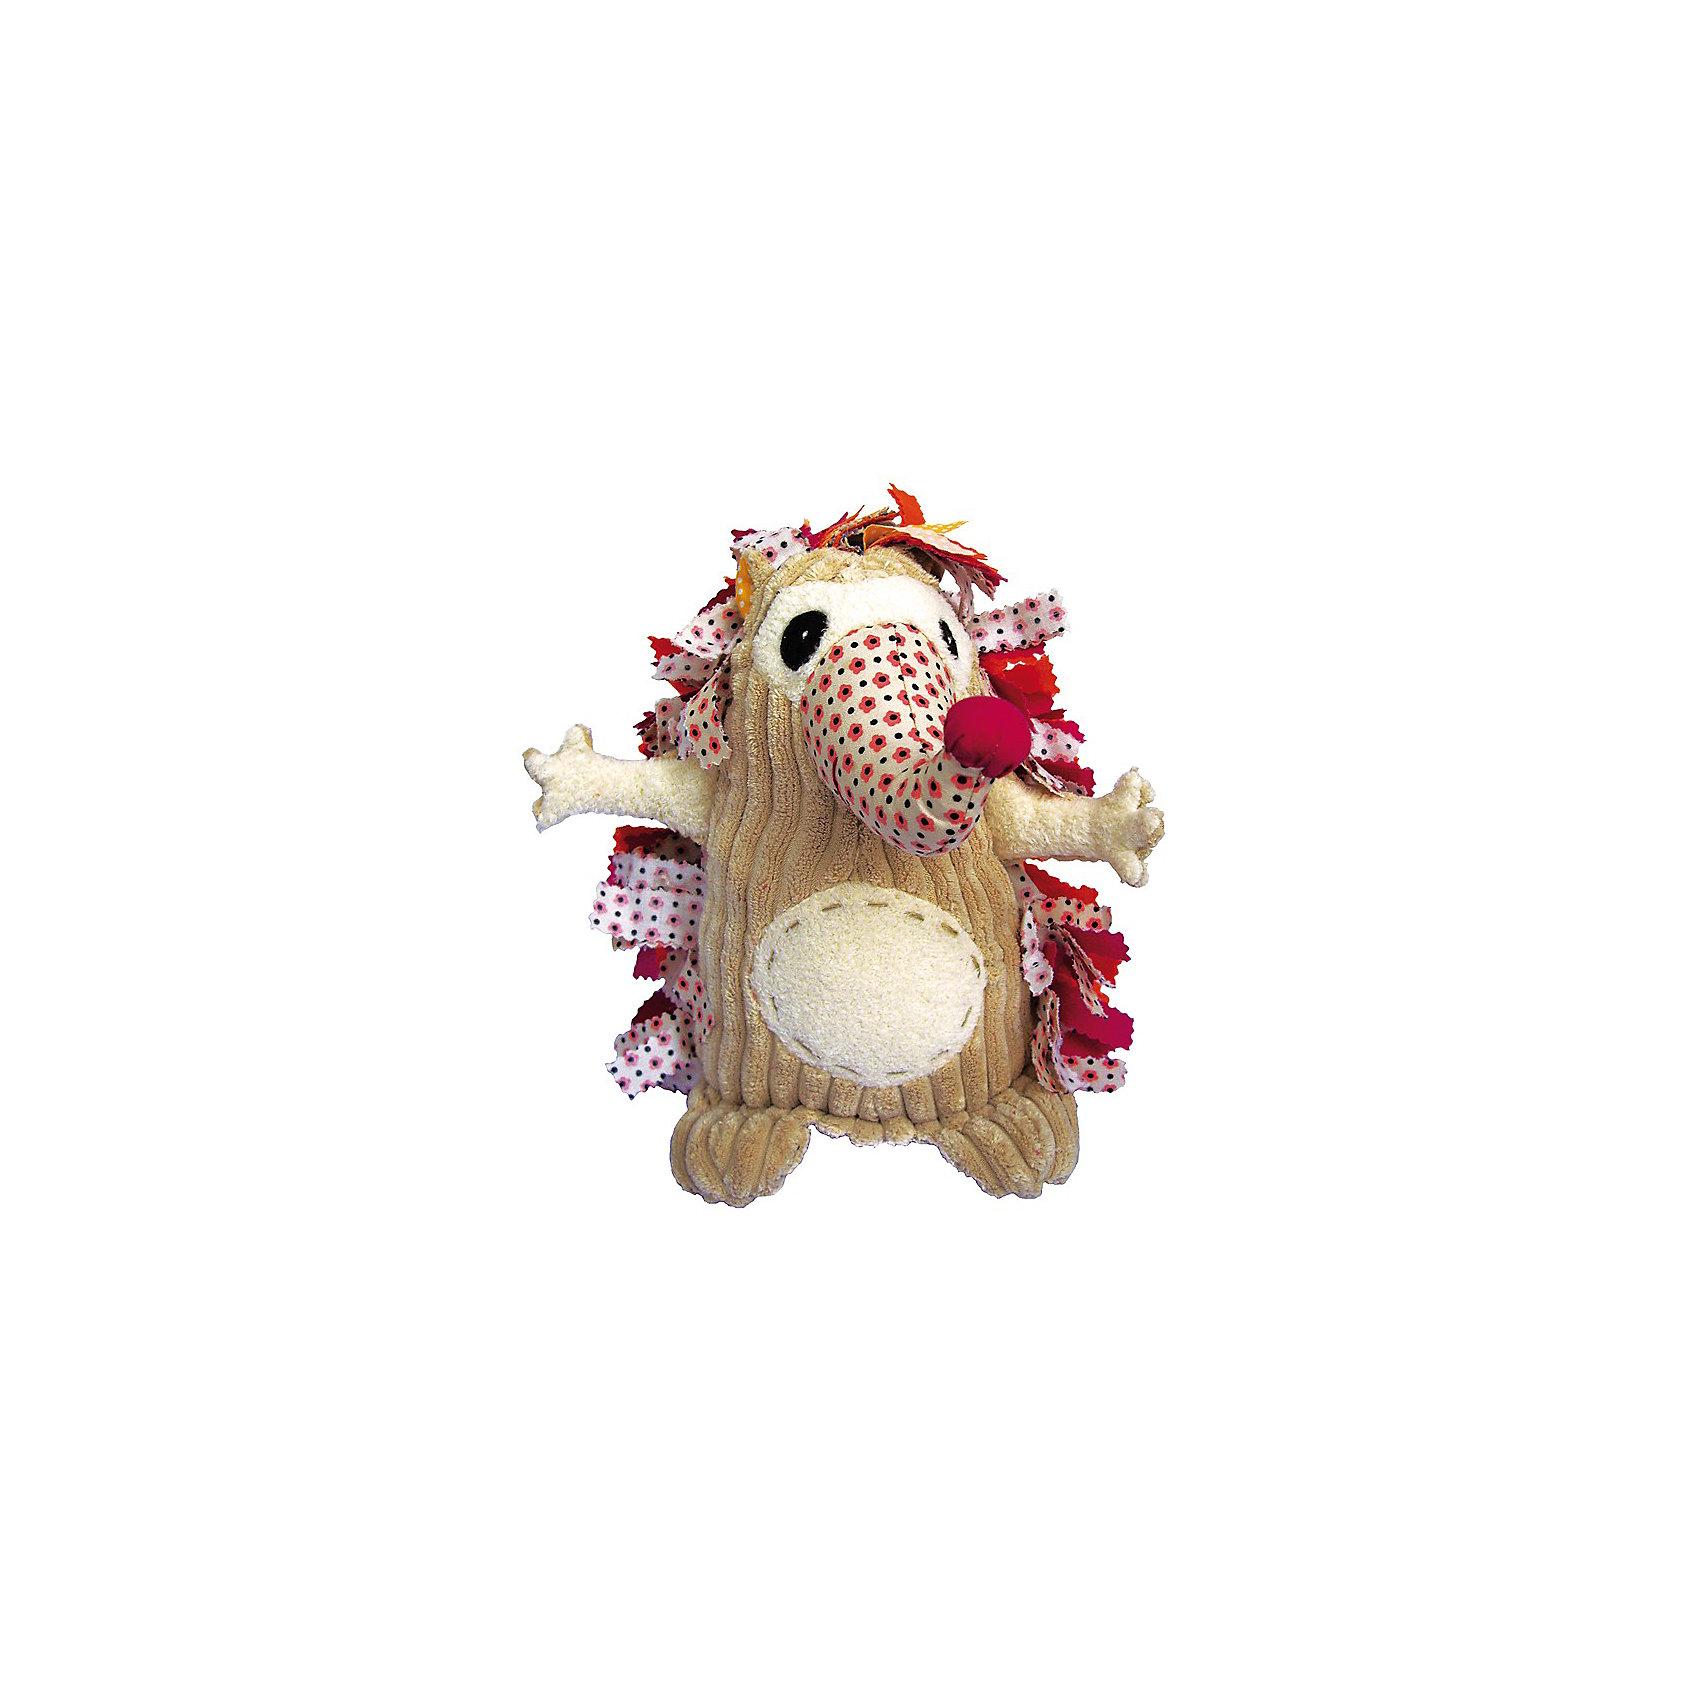 DEGLINGOS  Ежик Pikos OriginalЗвери и птицы<br>DEGLINGOS  Ежик Pikos Original (Деглингос)<br><br>Характеристики:<br><br>• оригинальный дизайн<br>• приятен на ощупь<br>• материал: текстиль<br>• размер упаковки: 21х10х11 см<br><br>Веселый ёжик сумеет развеселить даже самого хмурого малыша. Он изготовлен из нескольких видов тканей, приятных на ощупь. Ёжик имеет забавный носик и разноцветные колючки, которые, конечно же, можно гладить. Такой необычный ёжик приятно украсит интерьер детской комнаты и станет лучшим другом вашего малыша!<br><br>DEGLINGOS  Ежик Pikos Original (Деглингос) вы можете купить в нашем интернет-магазине.<br><br>Ширина мм: 120<br>Глубина мм: 120<br>Высота мм: 350<br>Вес г: 230<br>Возраст от месяцев: 36<br>Возраст до месяцев: 1188<br>Пол: Унисекс<br>Возраст: Детский<br>SKU: 2523734